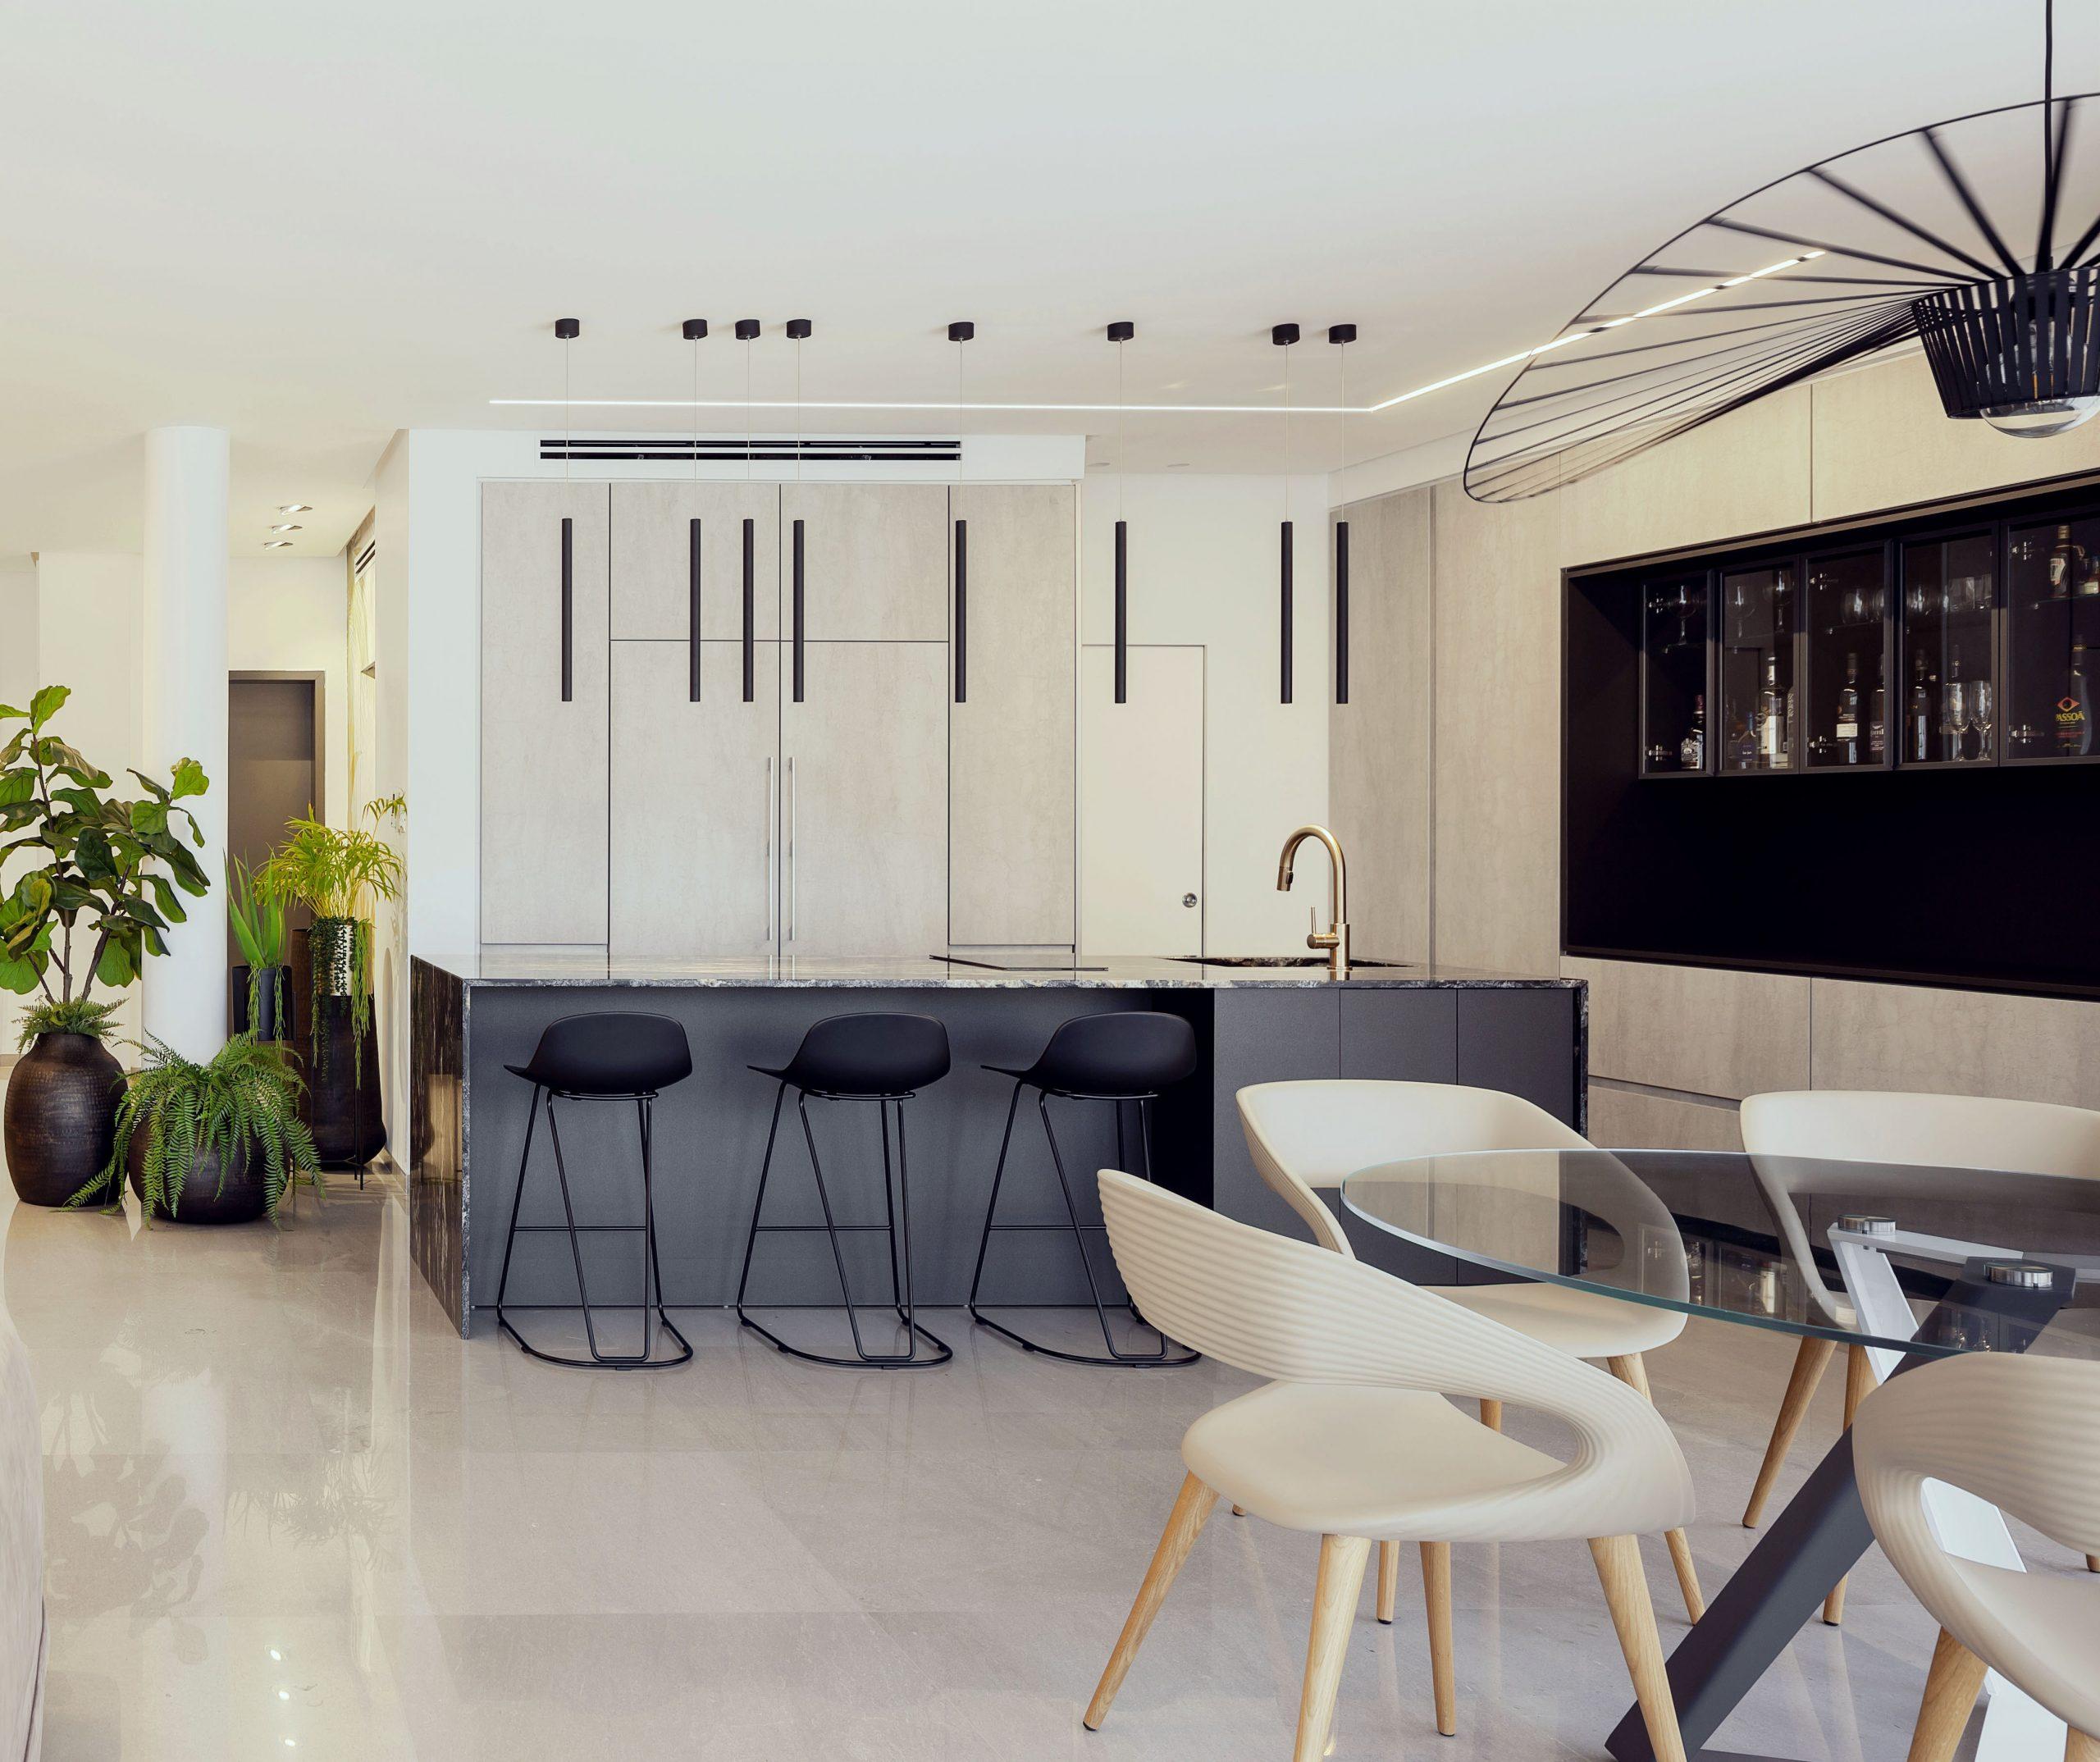 מטבח בעיצוב אדריכלי עם גופי תאורה תואמים